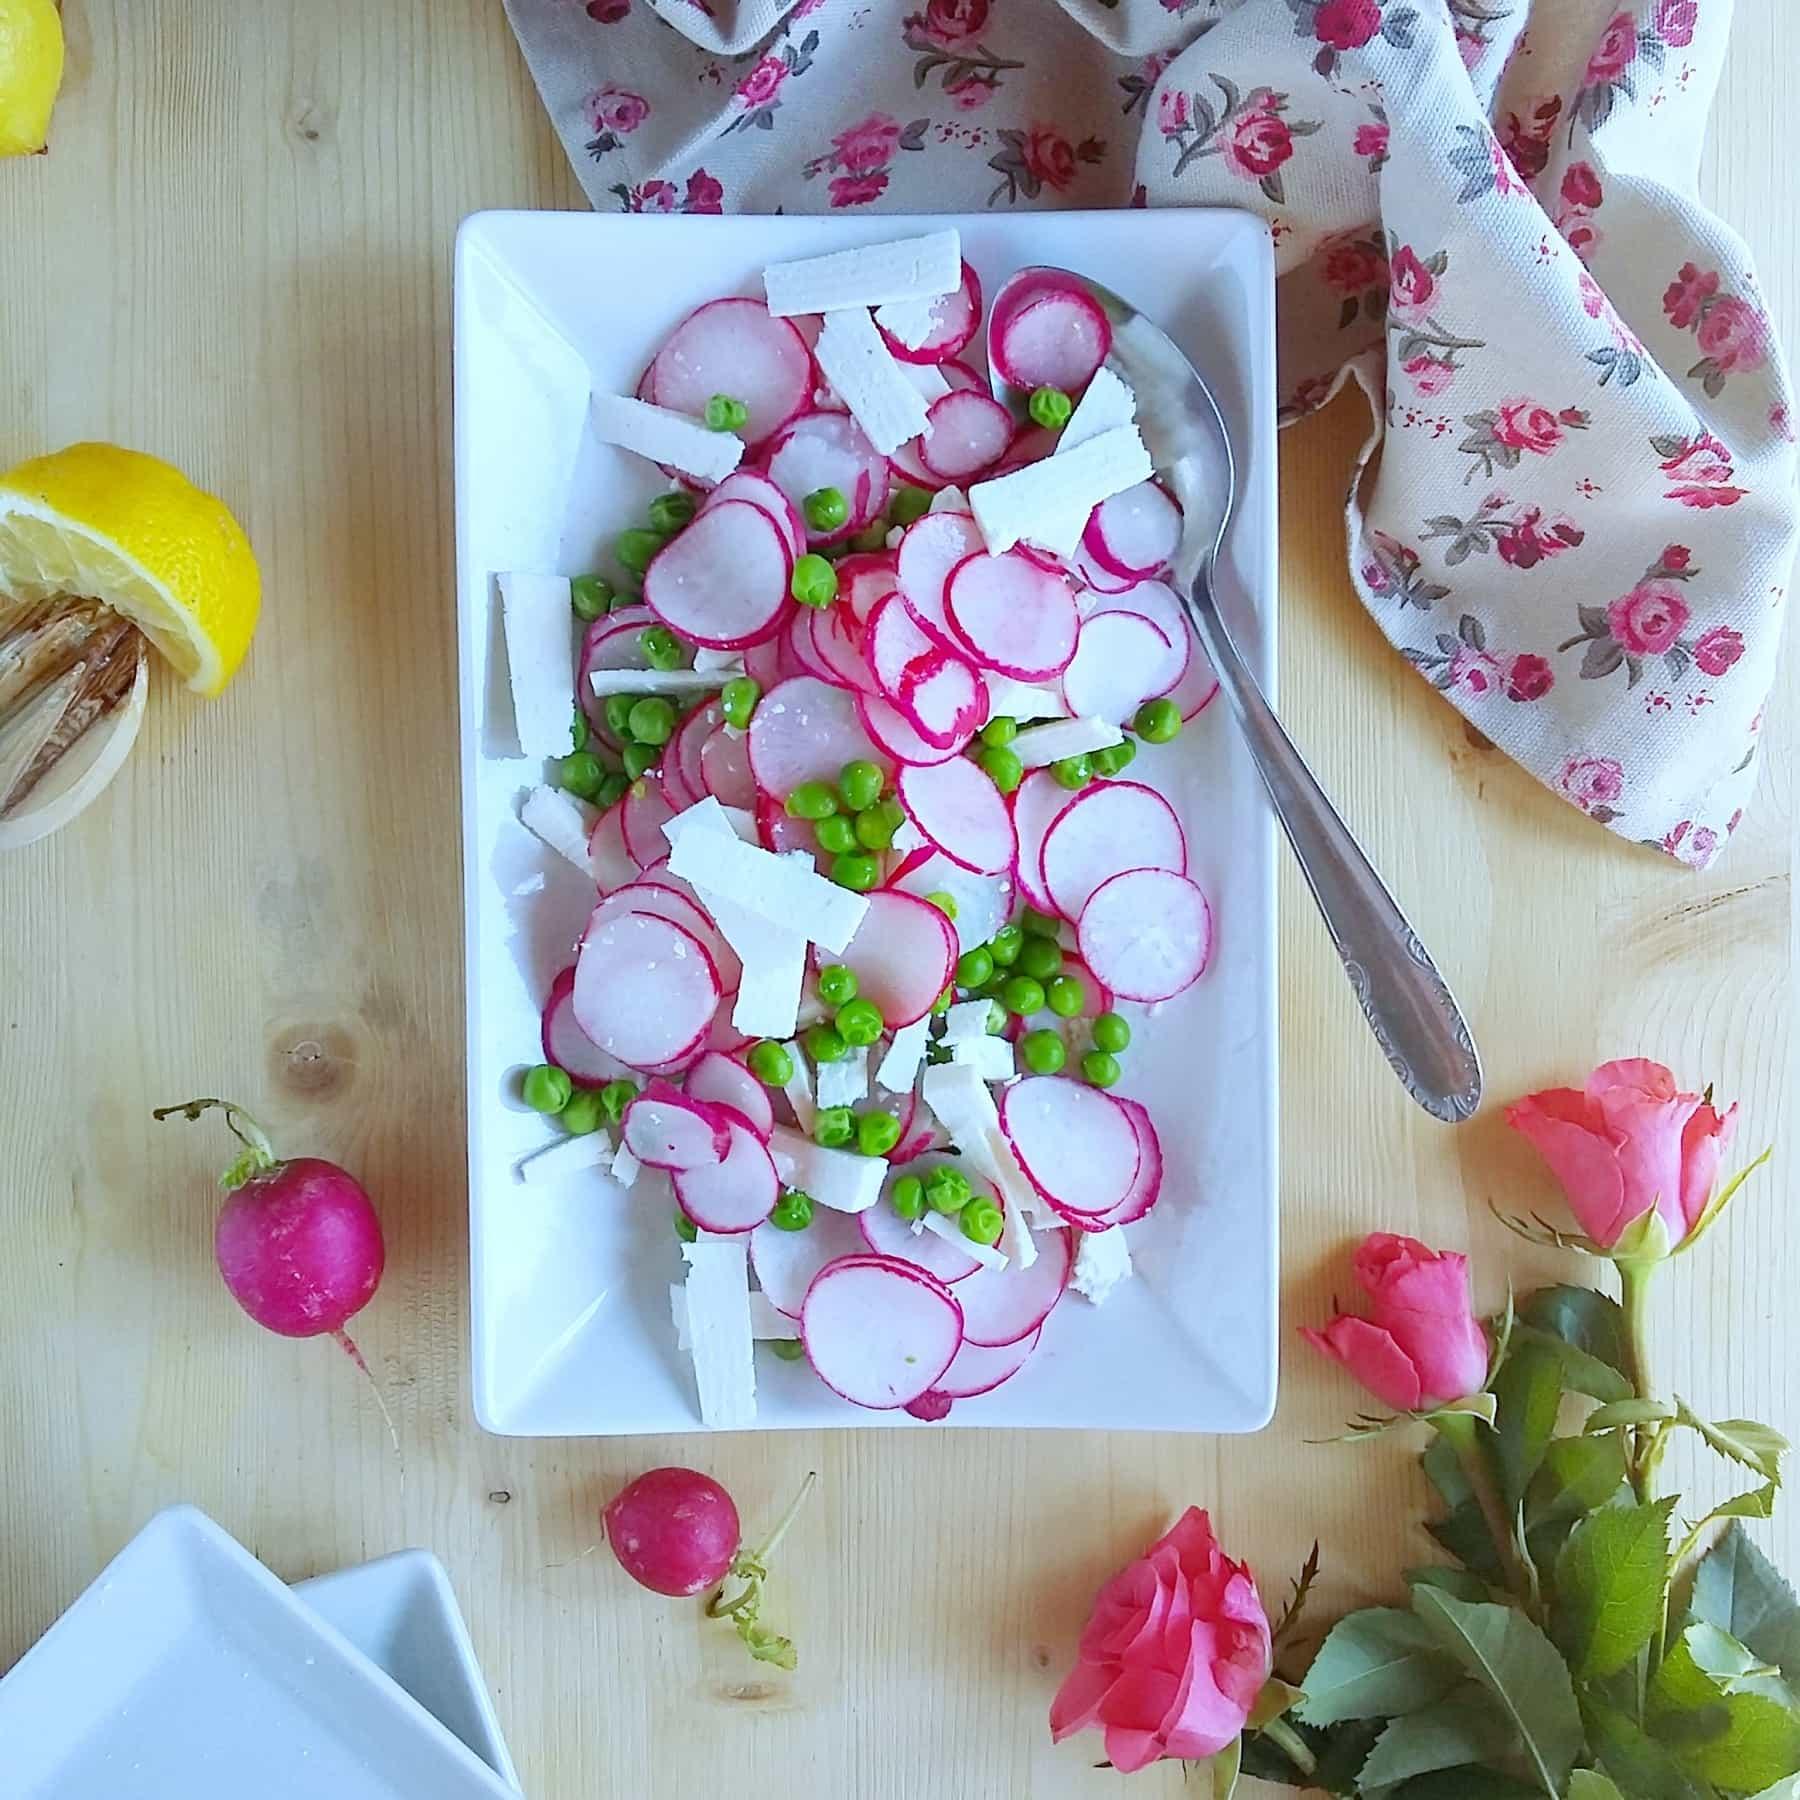 Insalata di primavera: ravanelli, piselli e ricotta salata